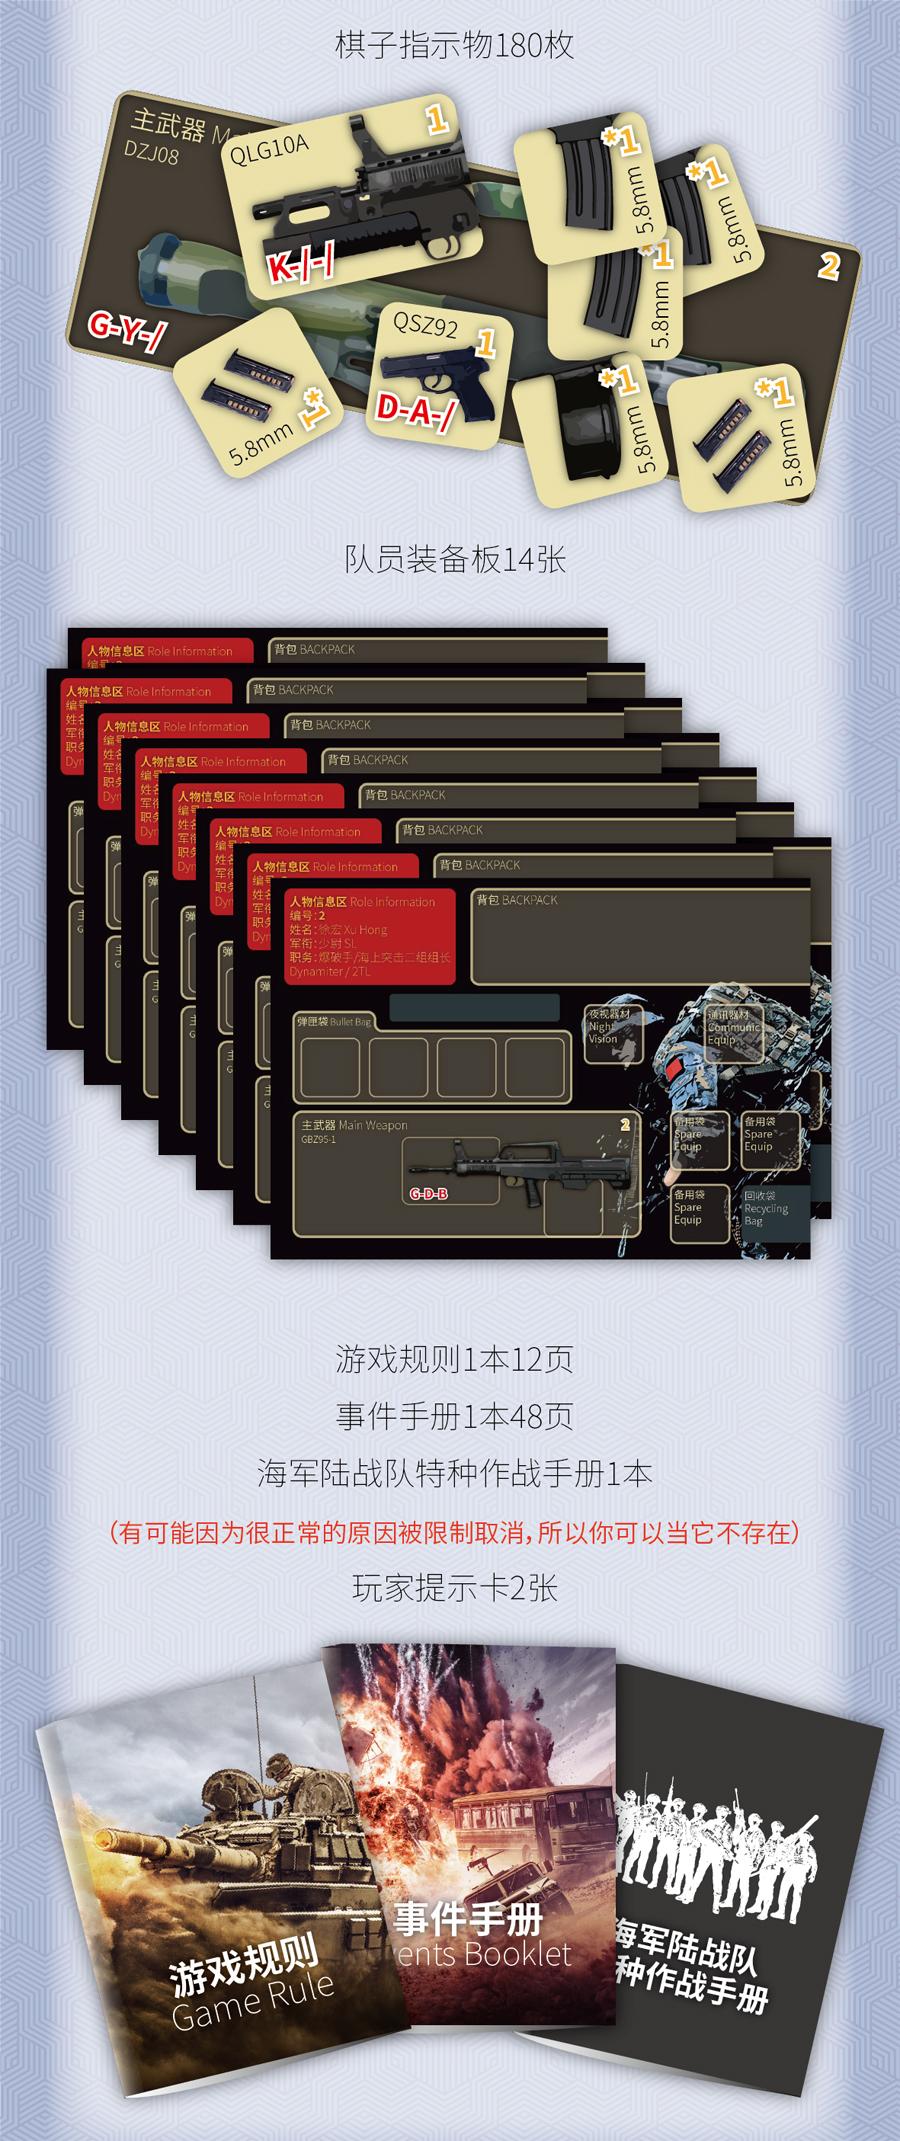 广告3.jpg